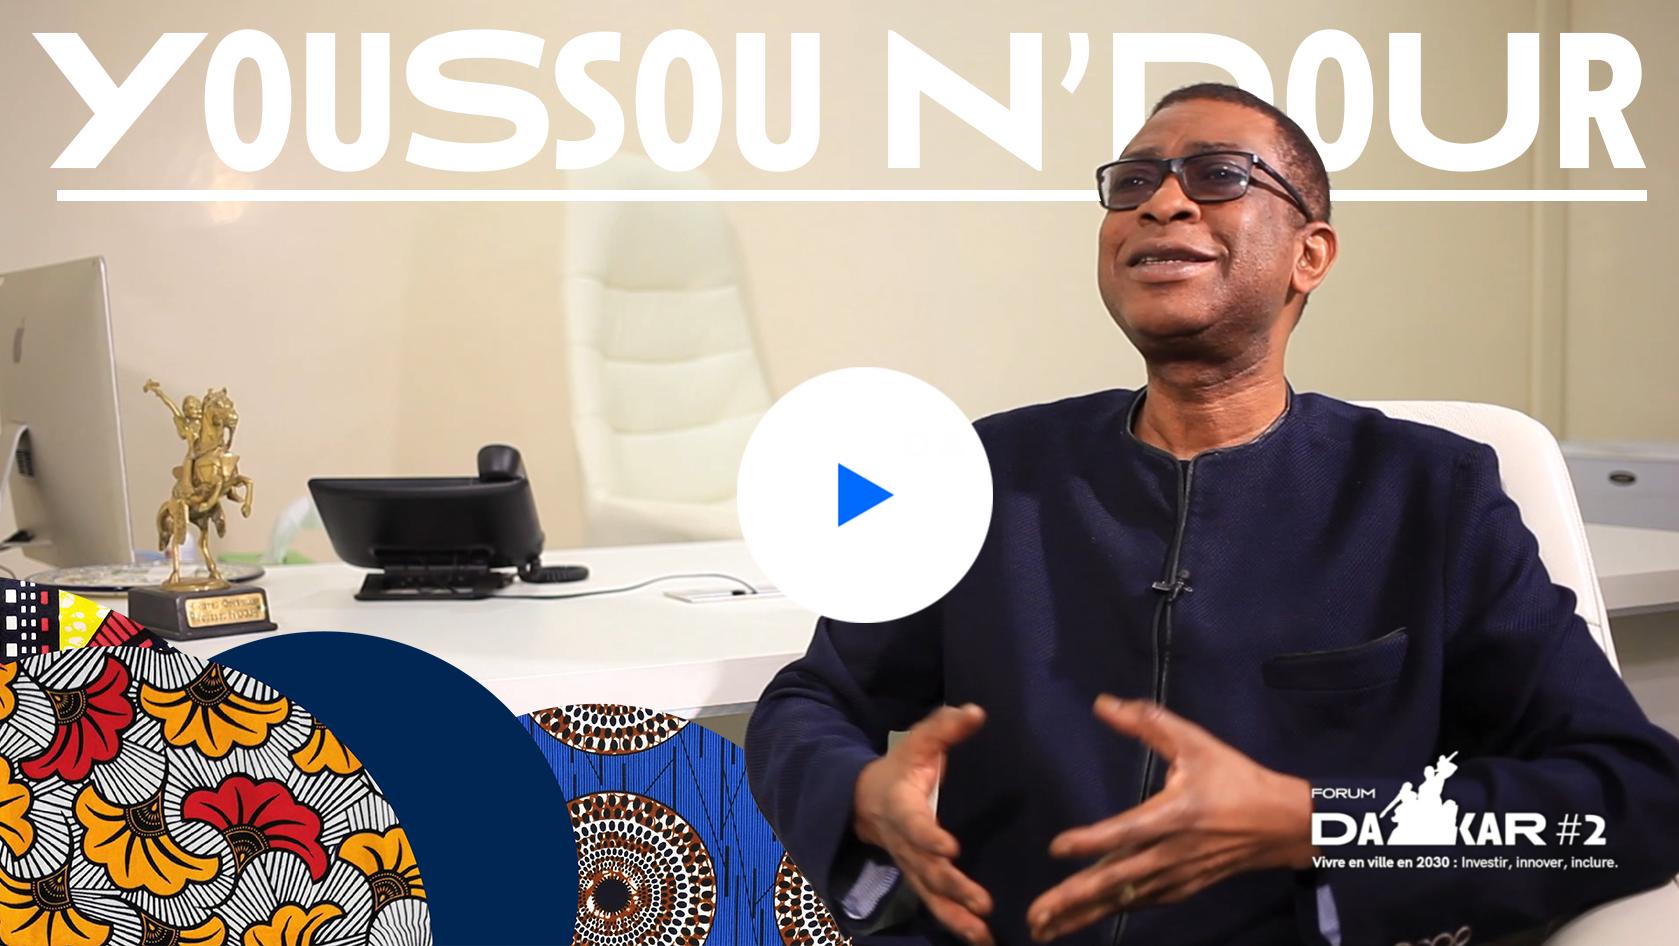 2. Youssou N'Dour